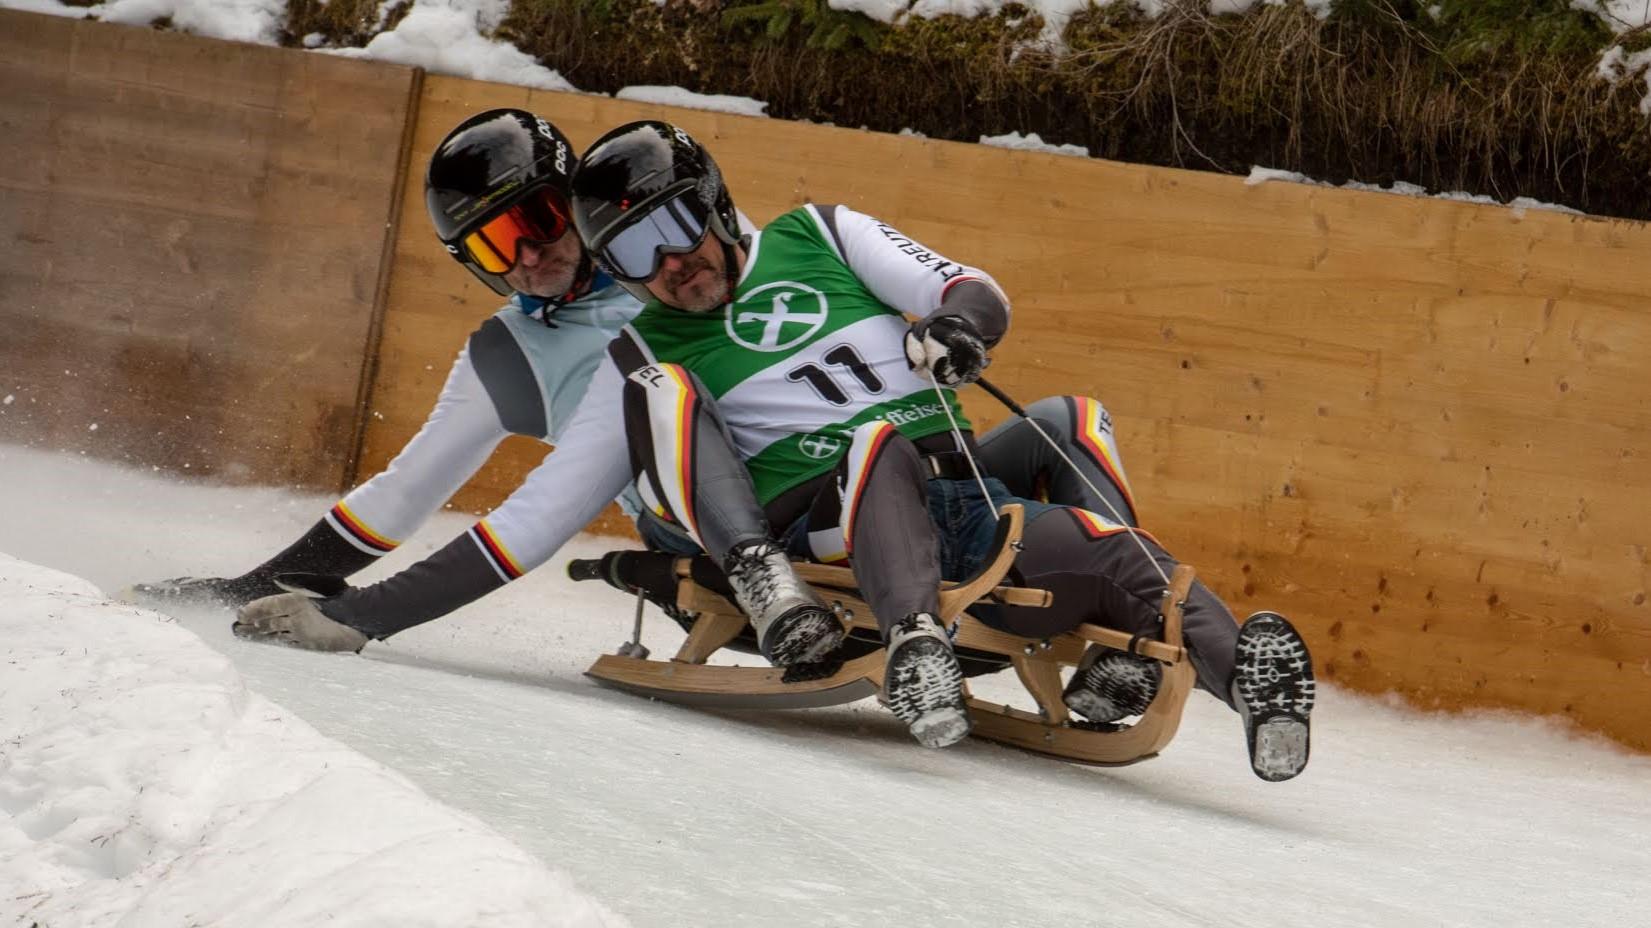 Hautz Michi / Schwaller Alex beim GP 2020 in Olang.  Bildquelle: www.sportrodeln.it